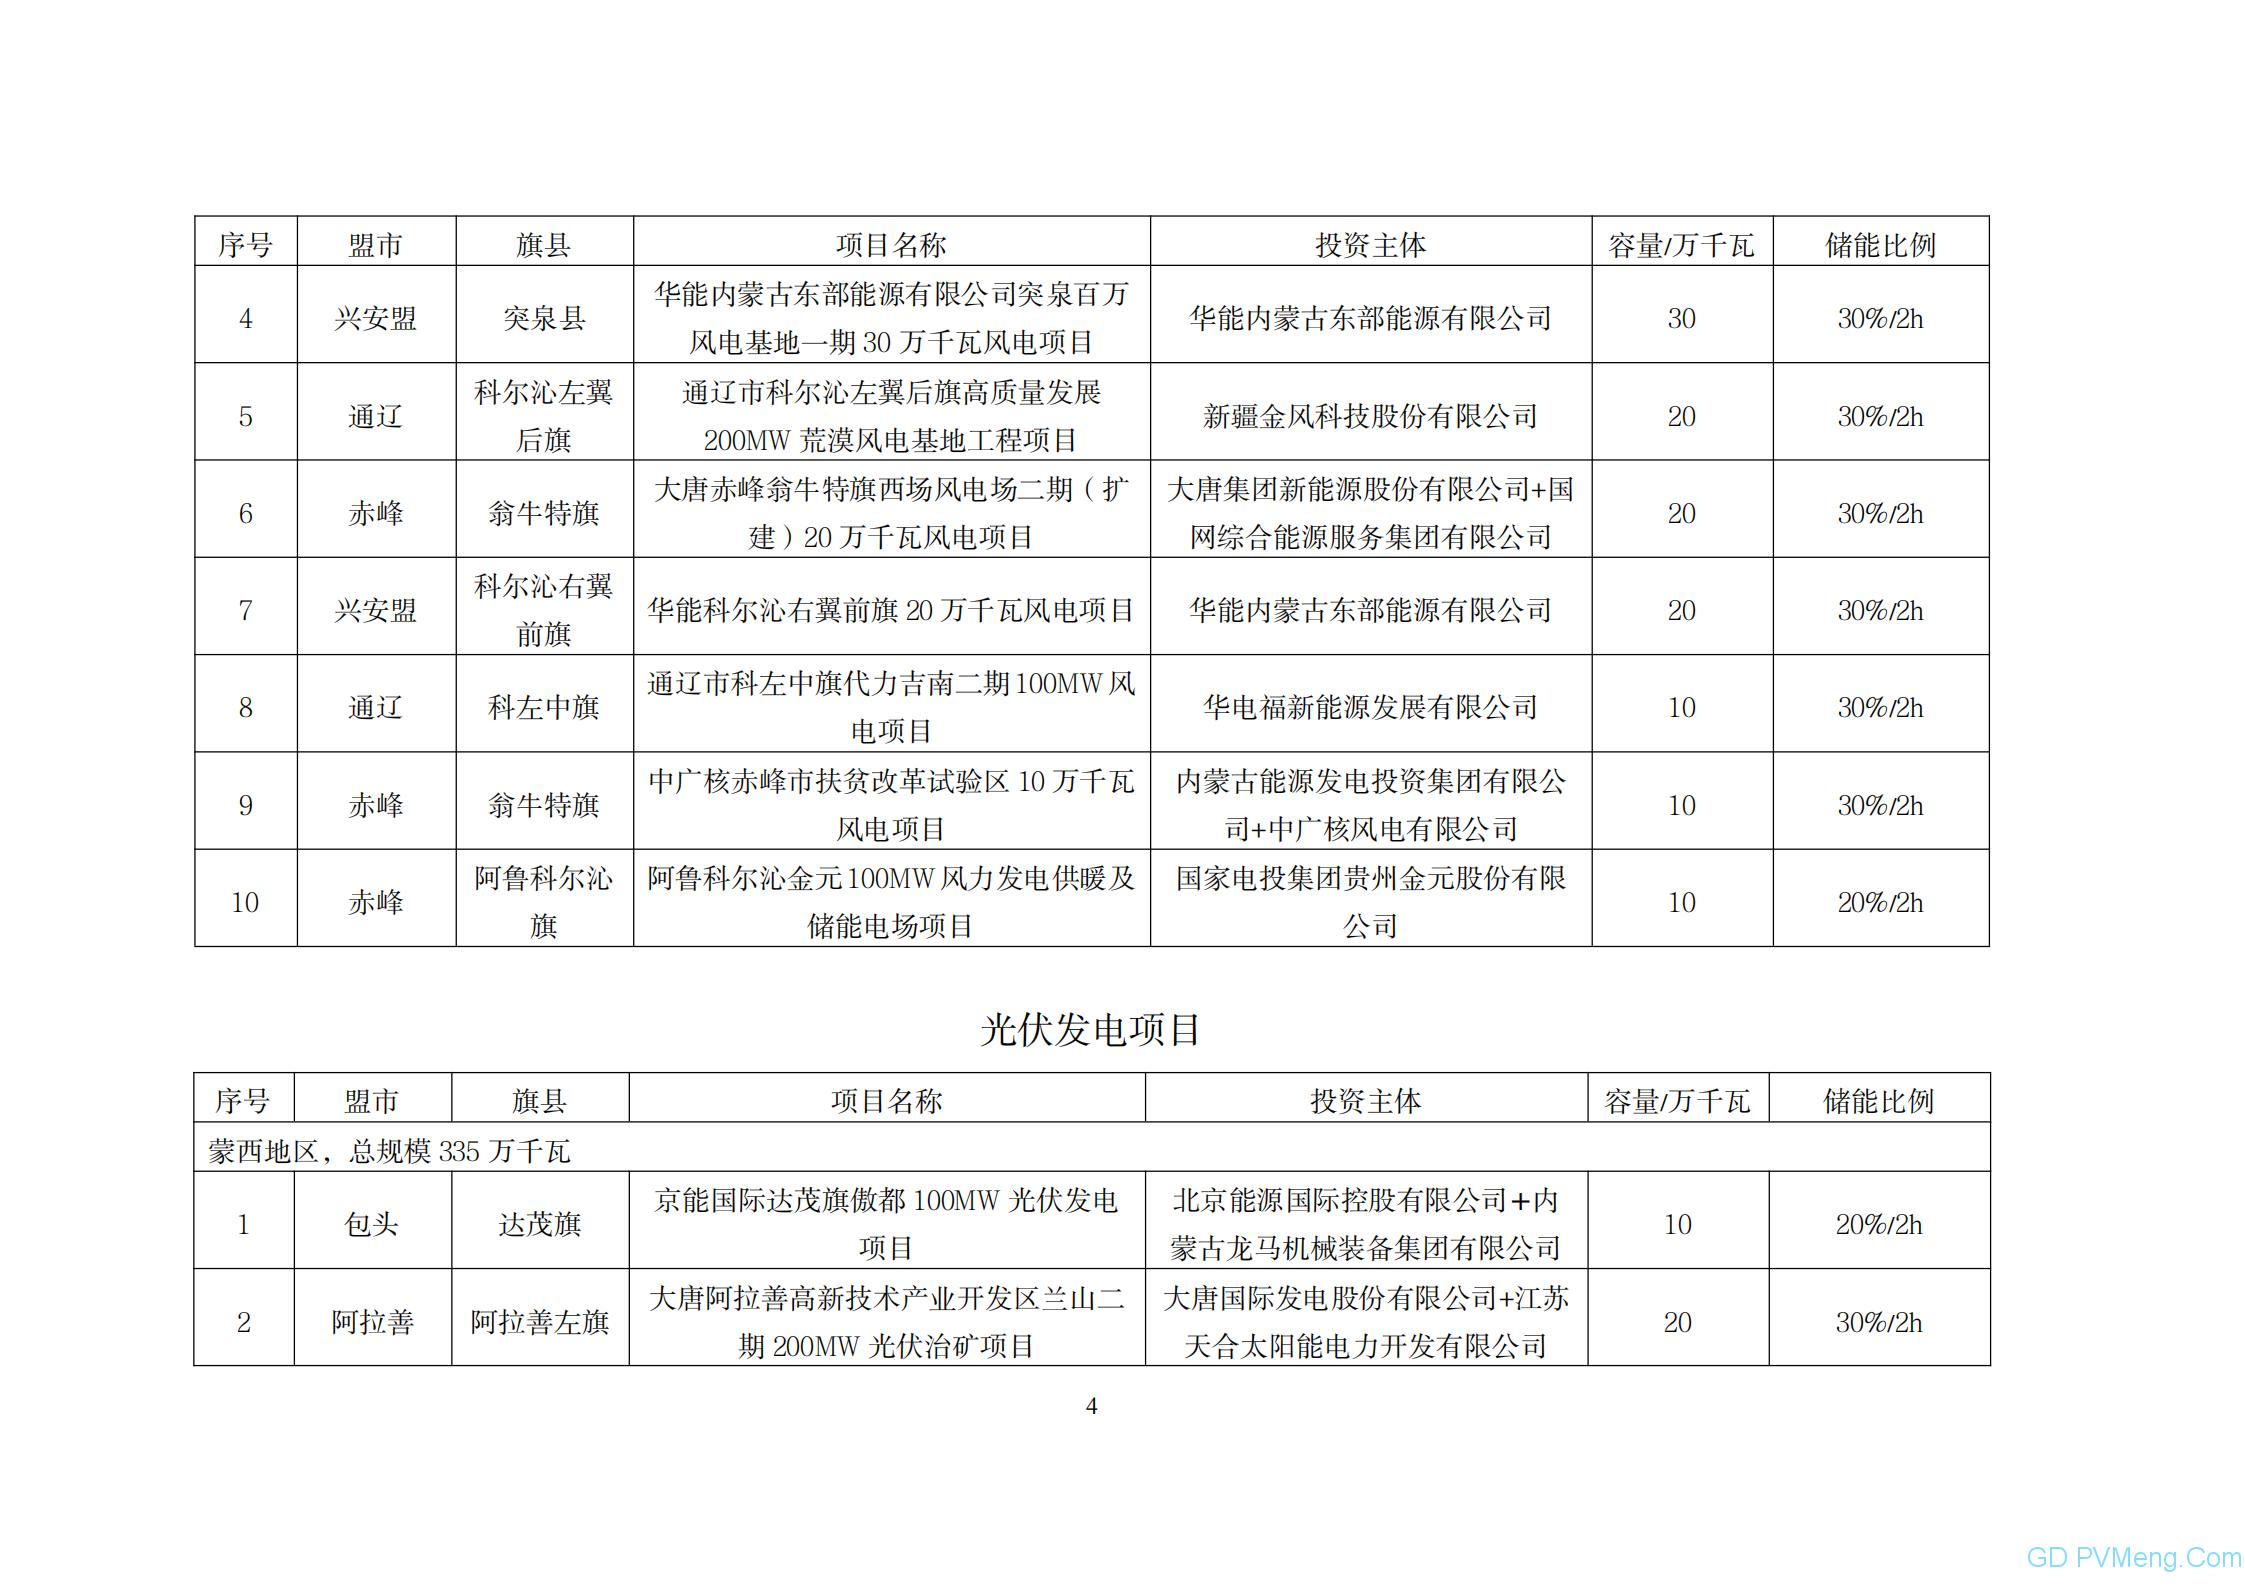 内蒙古能源局关于自治区2021年保障性并网集中式风电、光伏发电项目优选结果的公示2021008